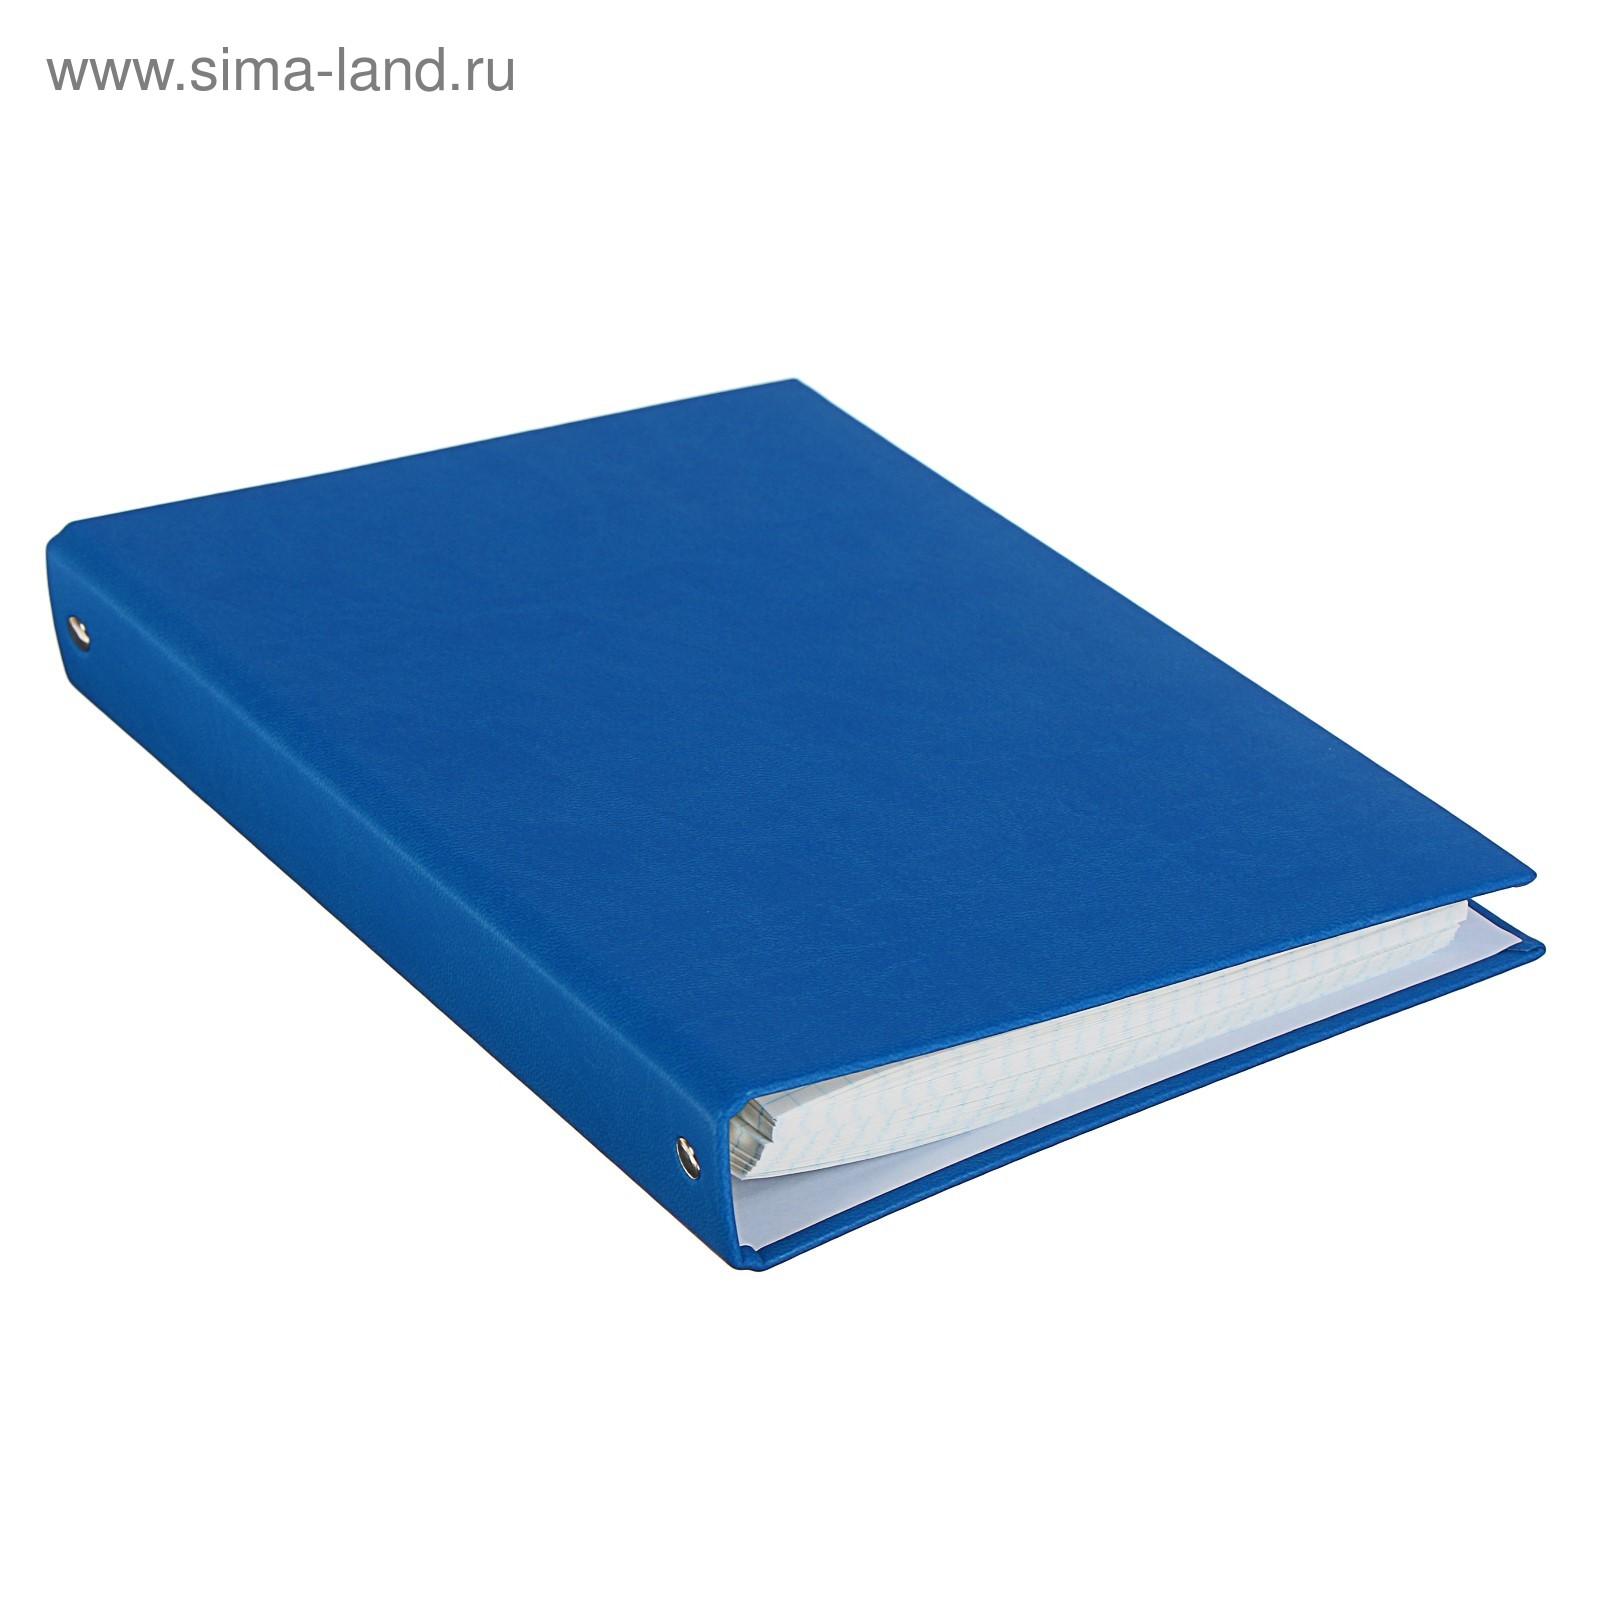 Тетрадь на кольцах Вивелла Ярко-синяя кожзам